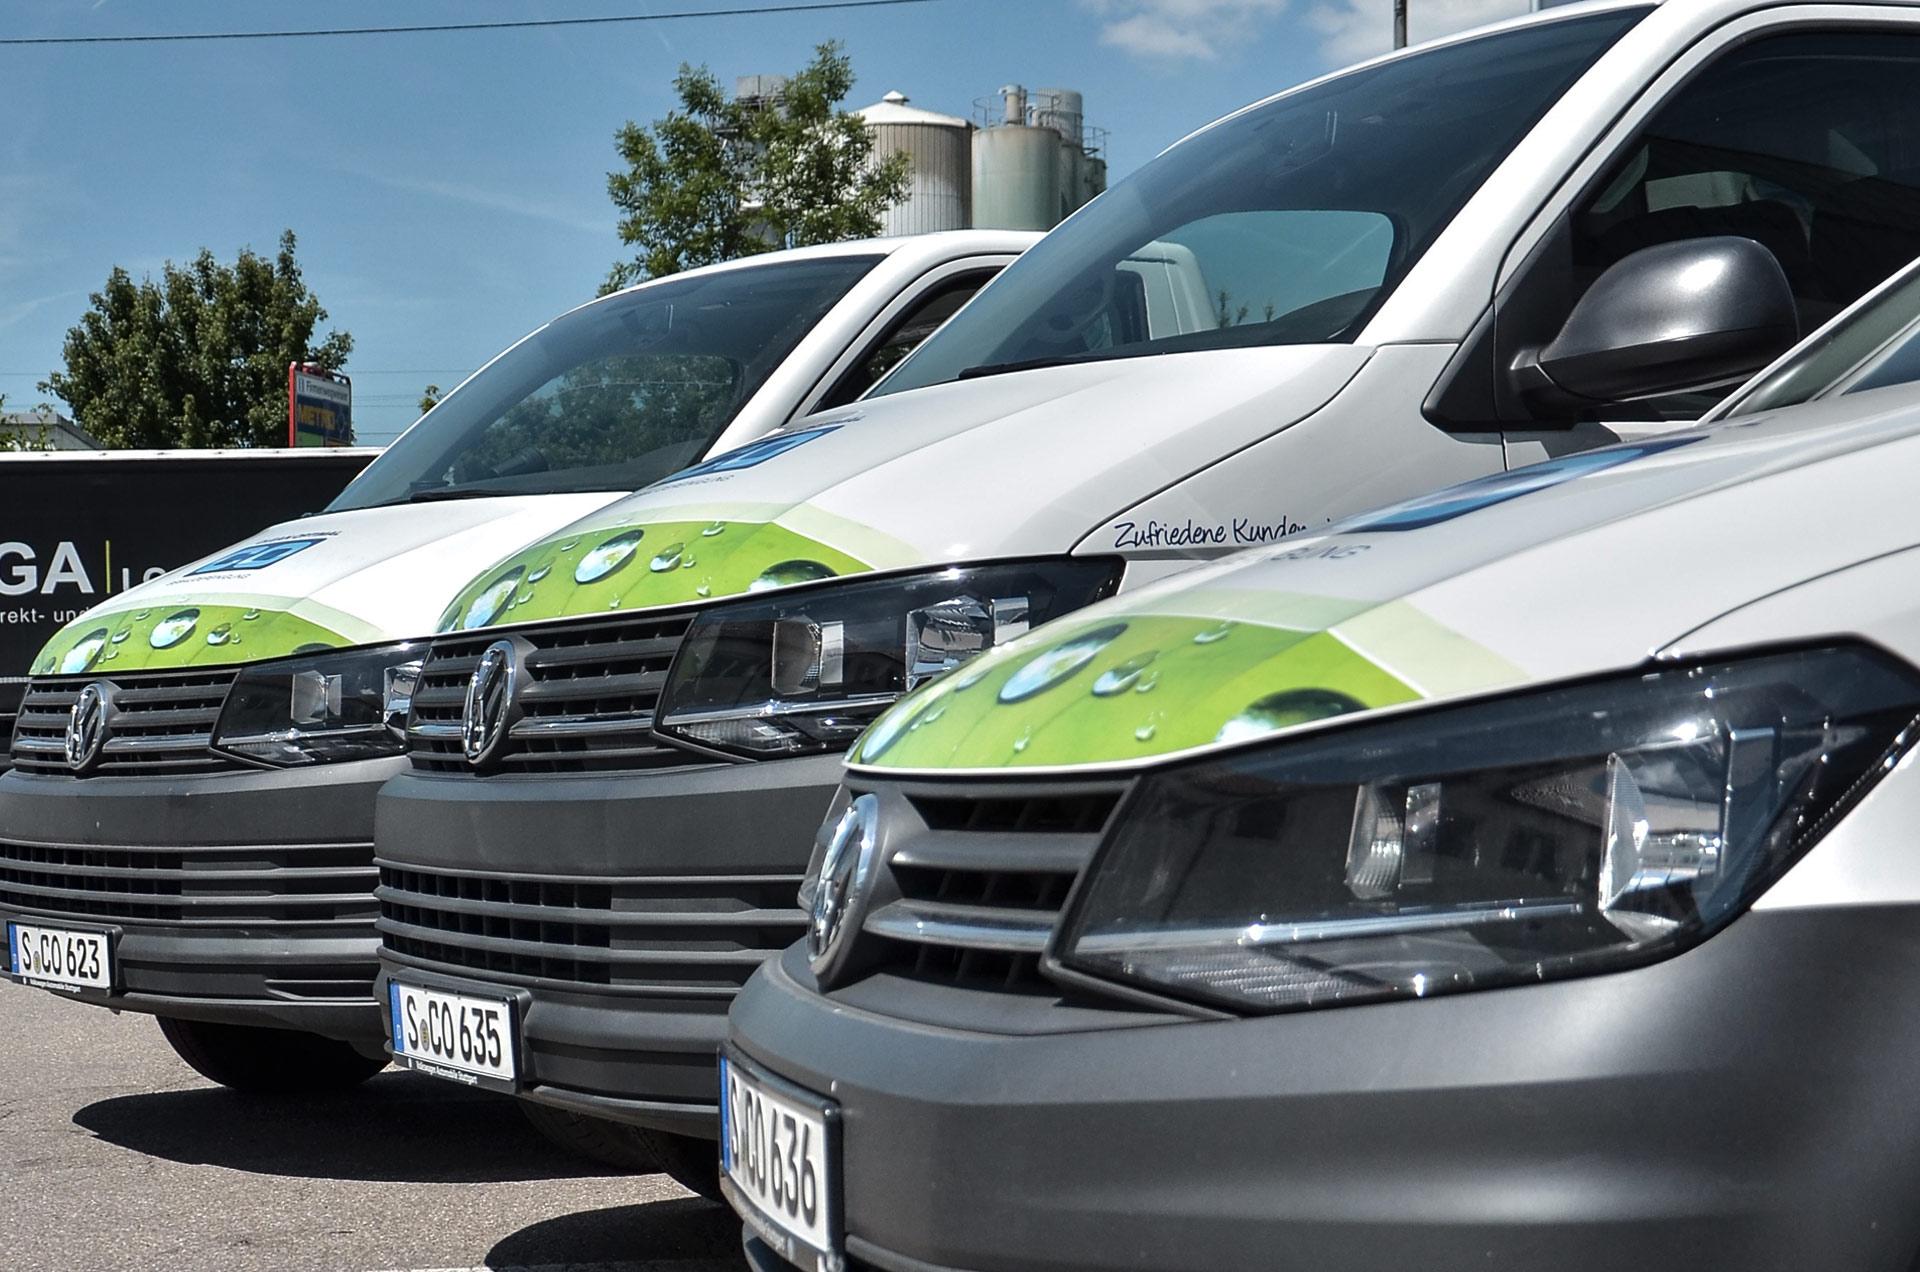 Fahrzeugflotte vom Profi für Gebäudereinigung in Stuttgart: Clean Optimal